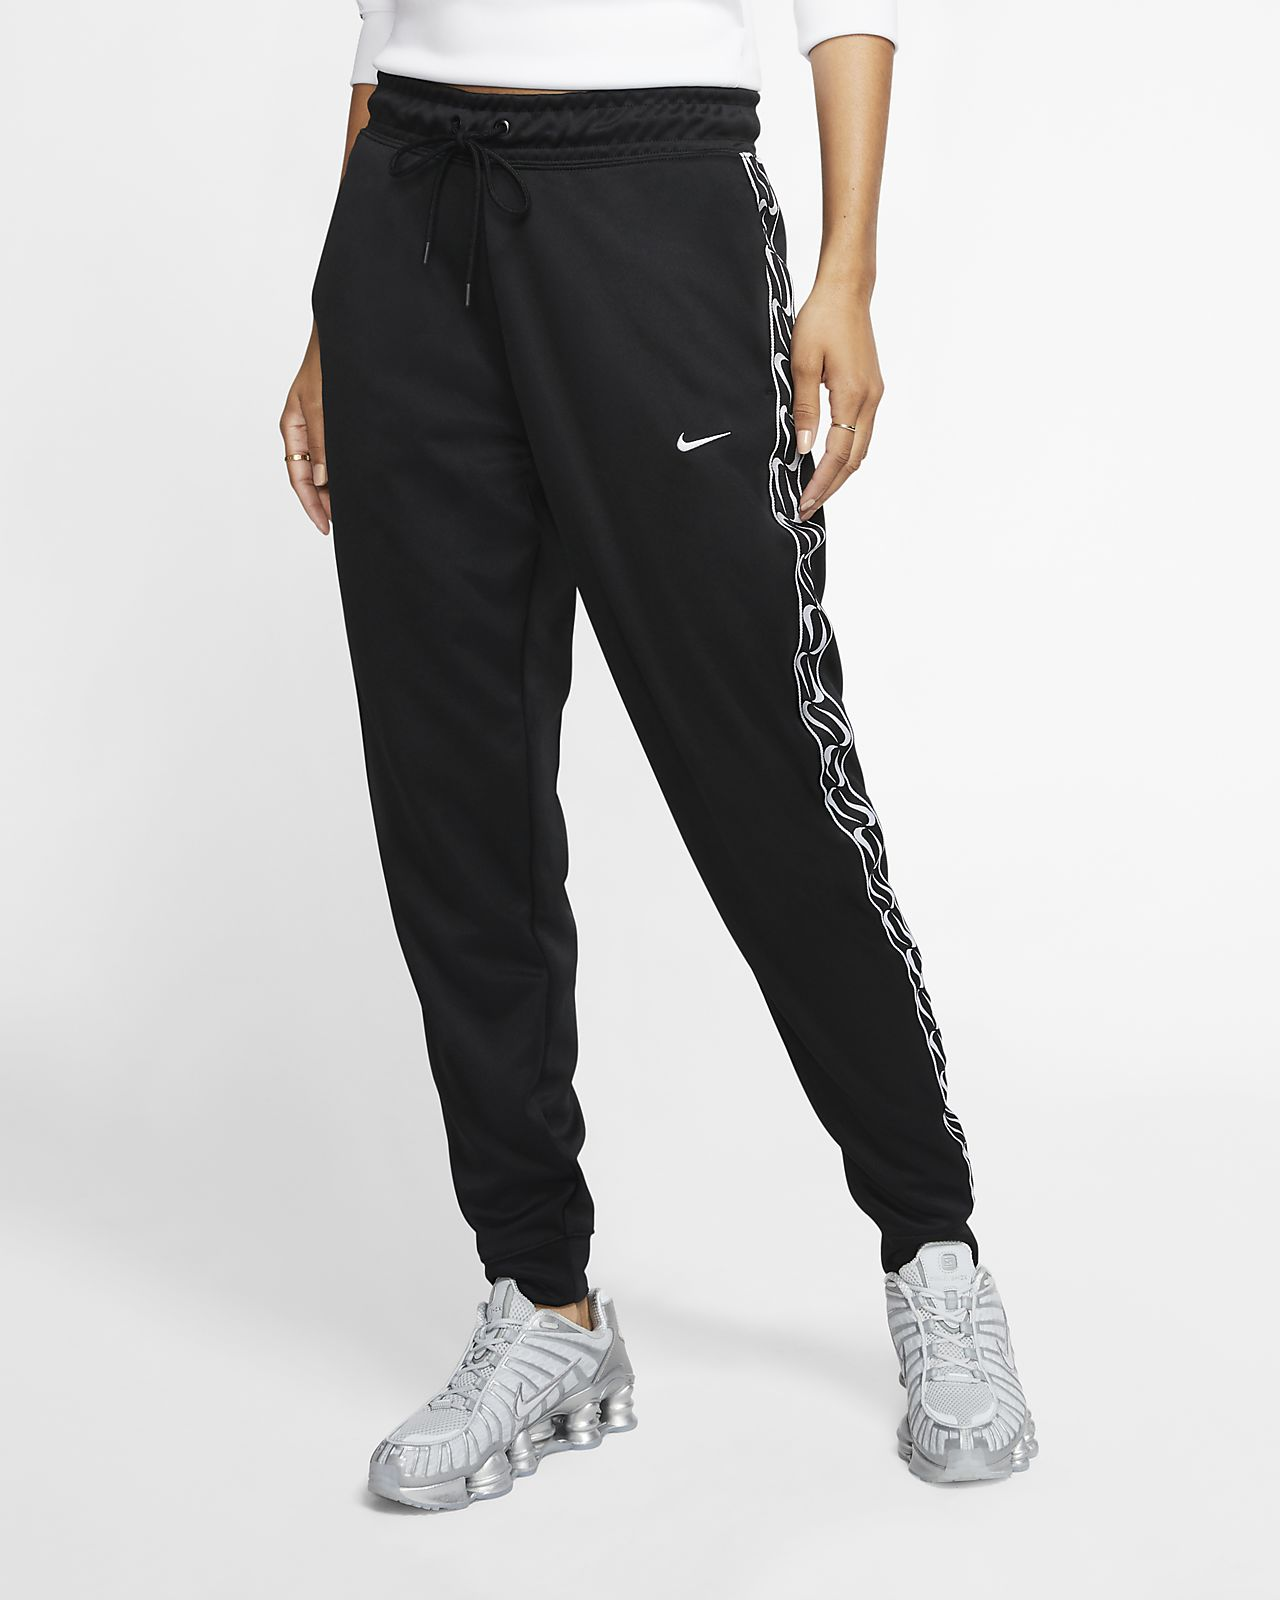 Pantalon de jogging avec logo Nike Sportswear pour Femme